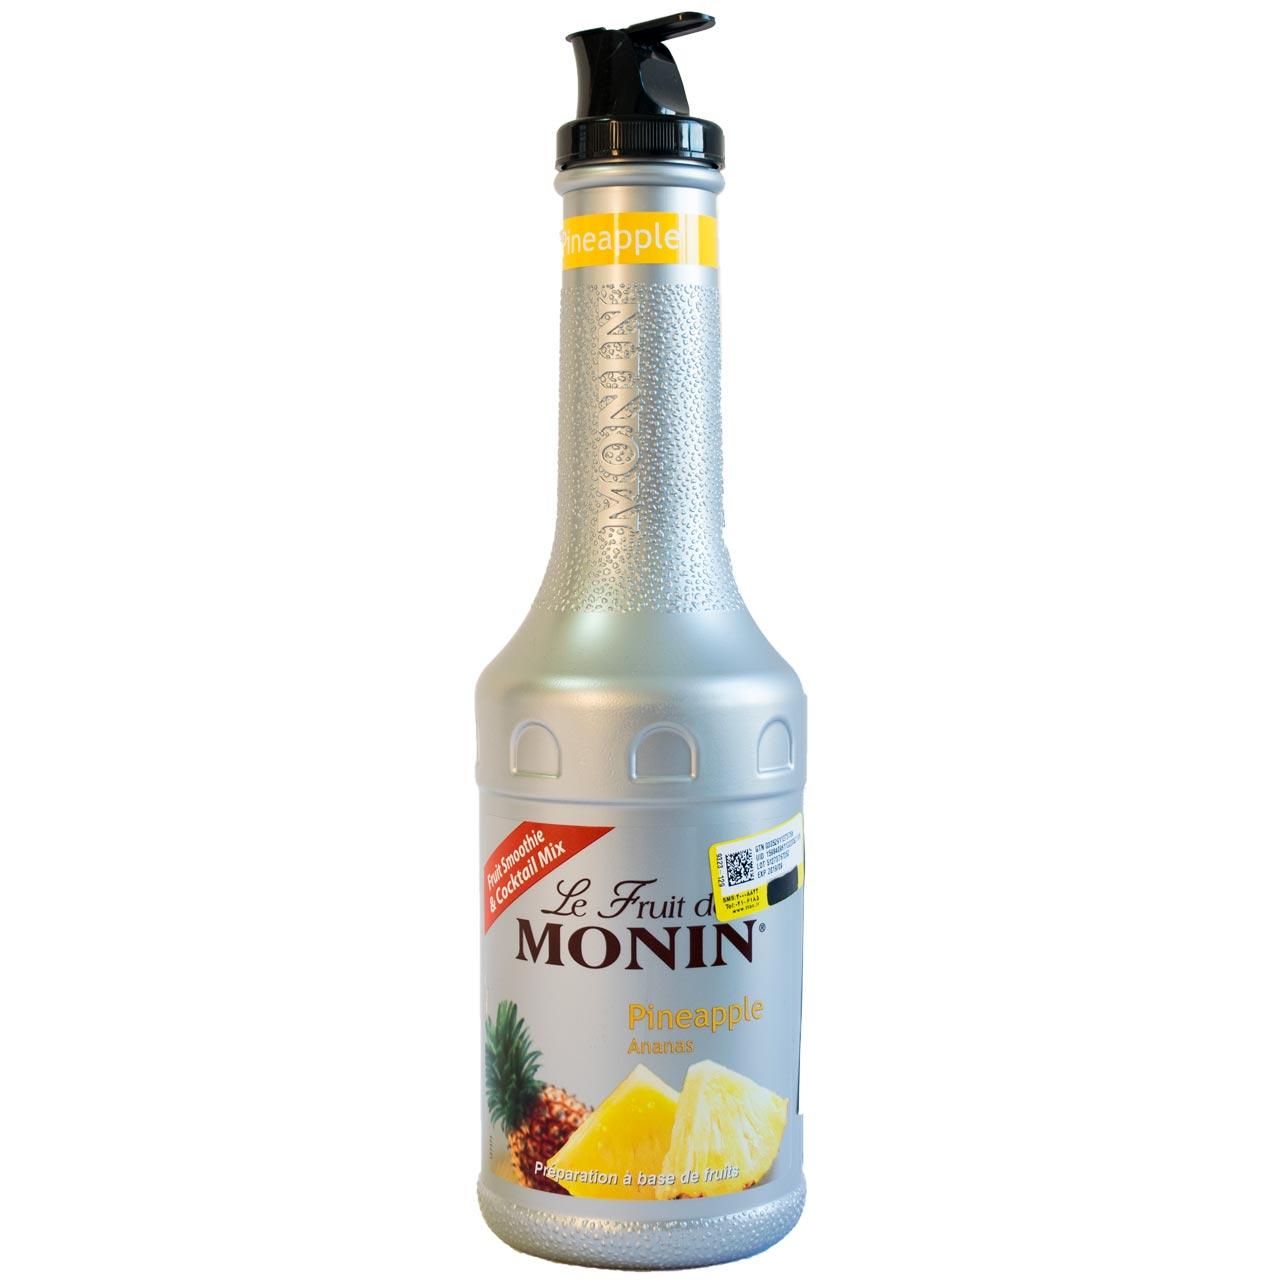 پوره آناناس مونین – monin